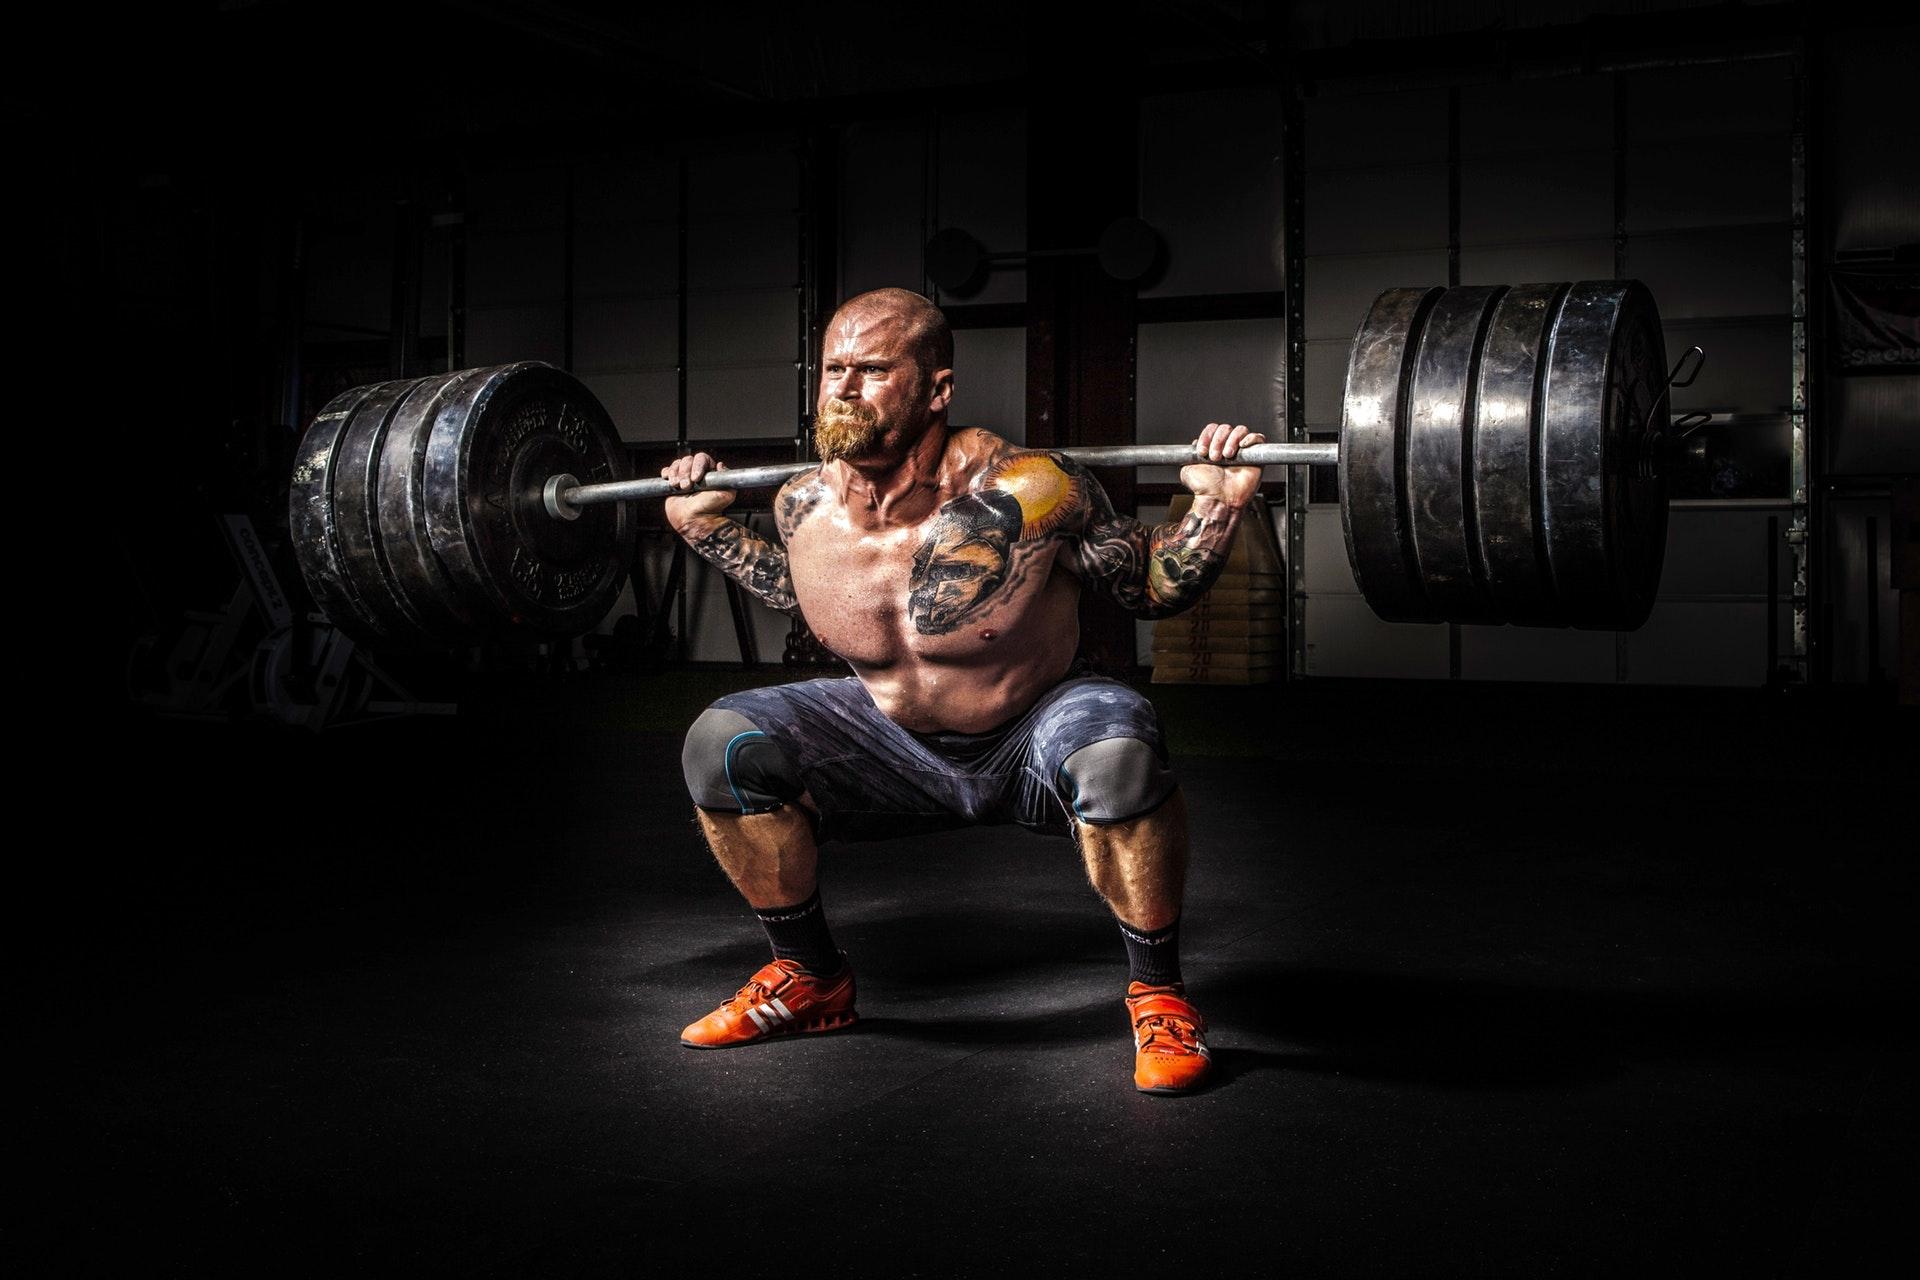 Czy ćwiczenia wpływają na poziom testosteronu?